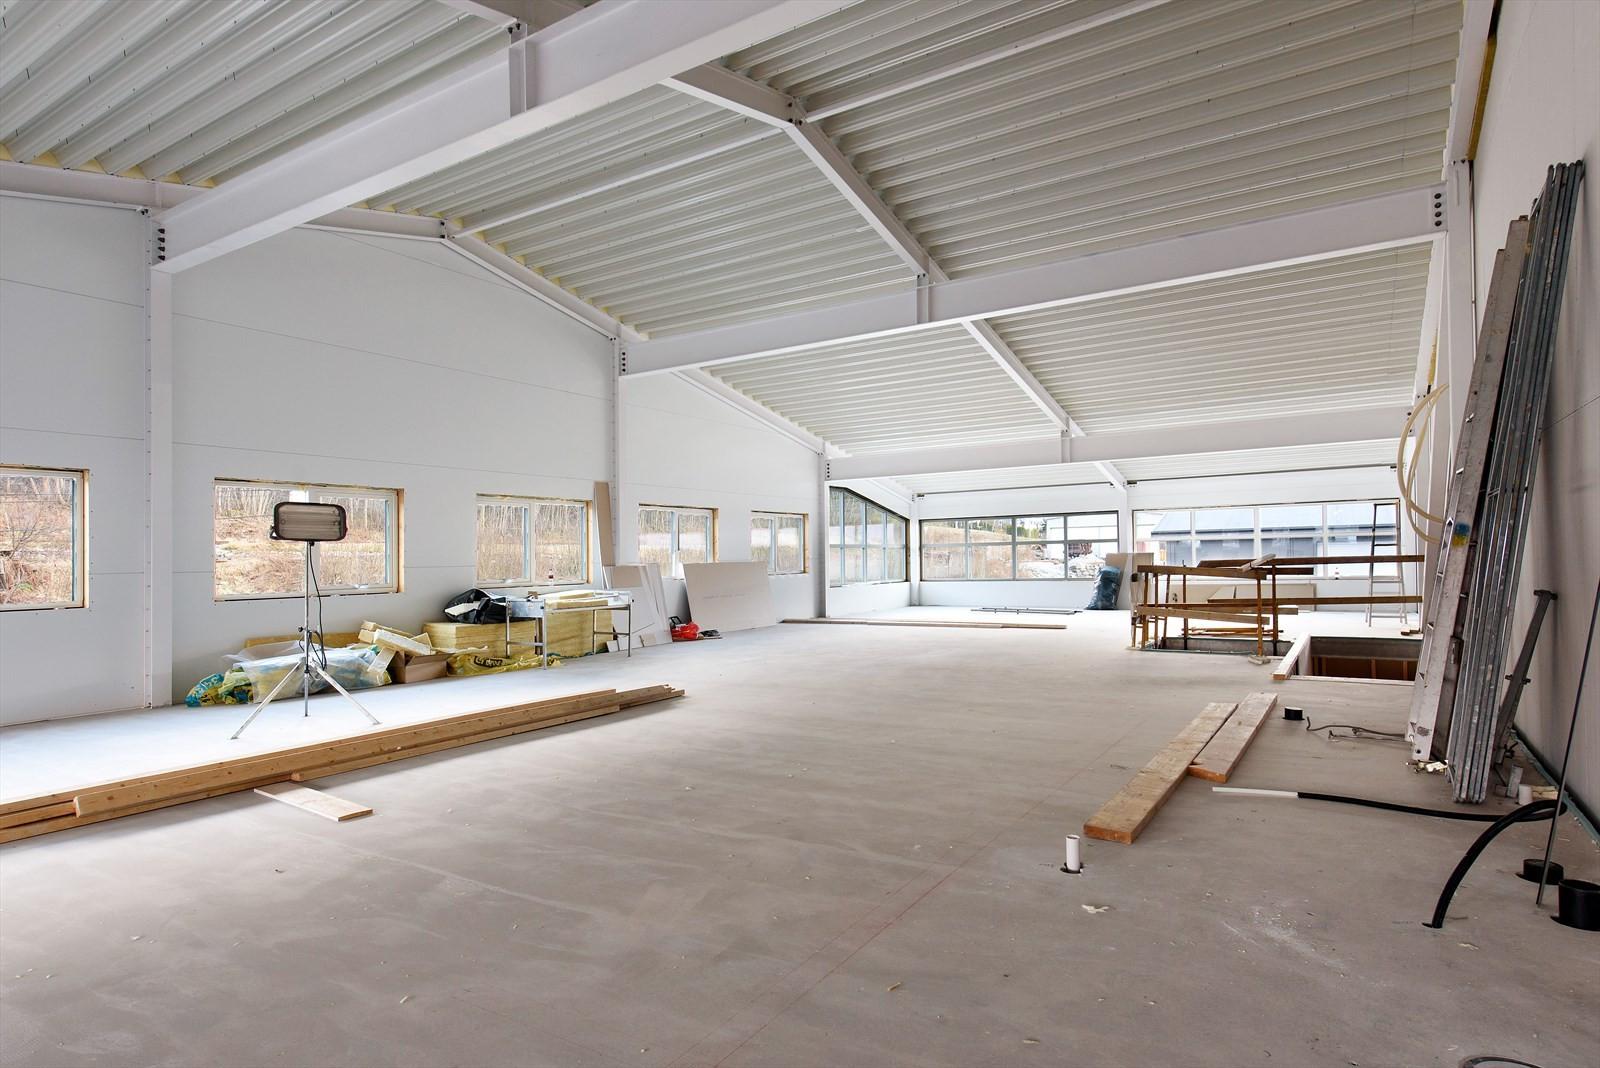 Byggets 2. etasje er klar for å tilpasses nye leietakere.